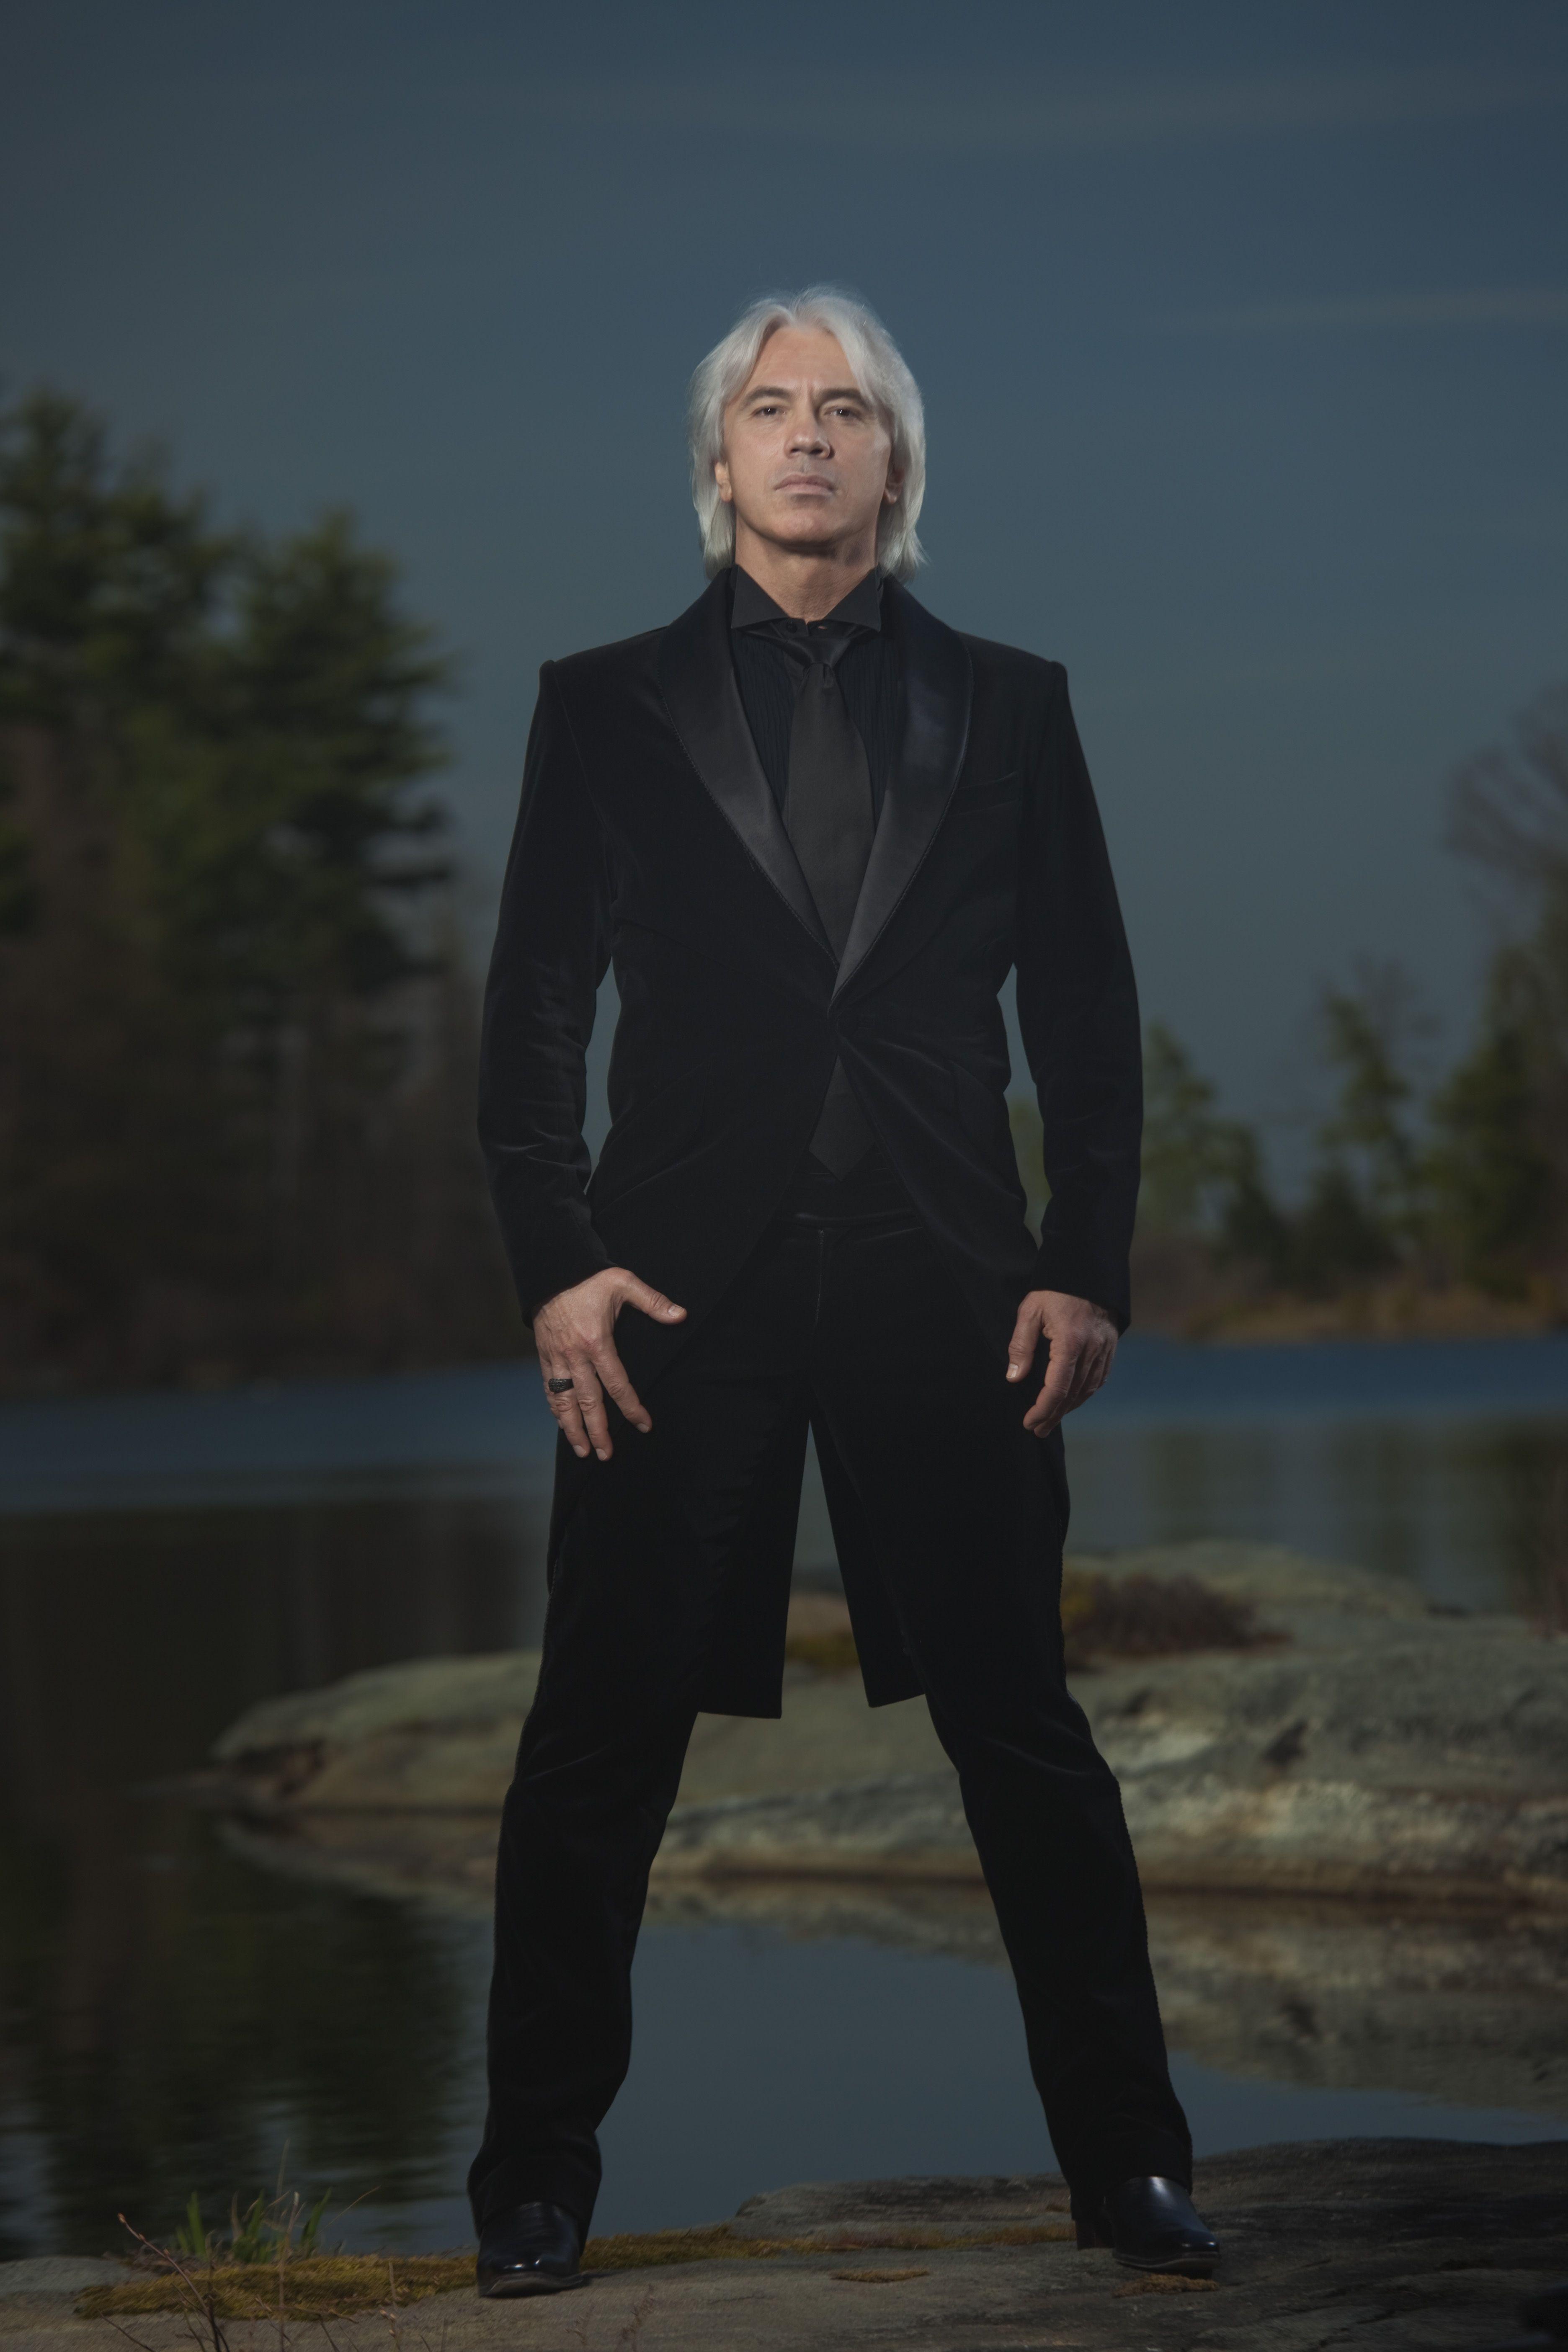 Dmitri Hvorostovsky, Russian operatic baritone | Dmitri in